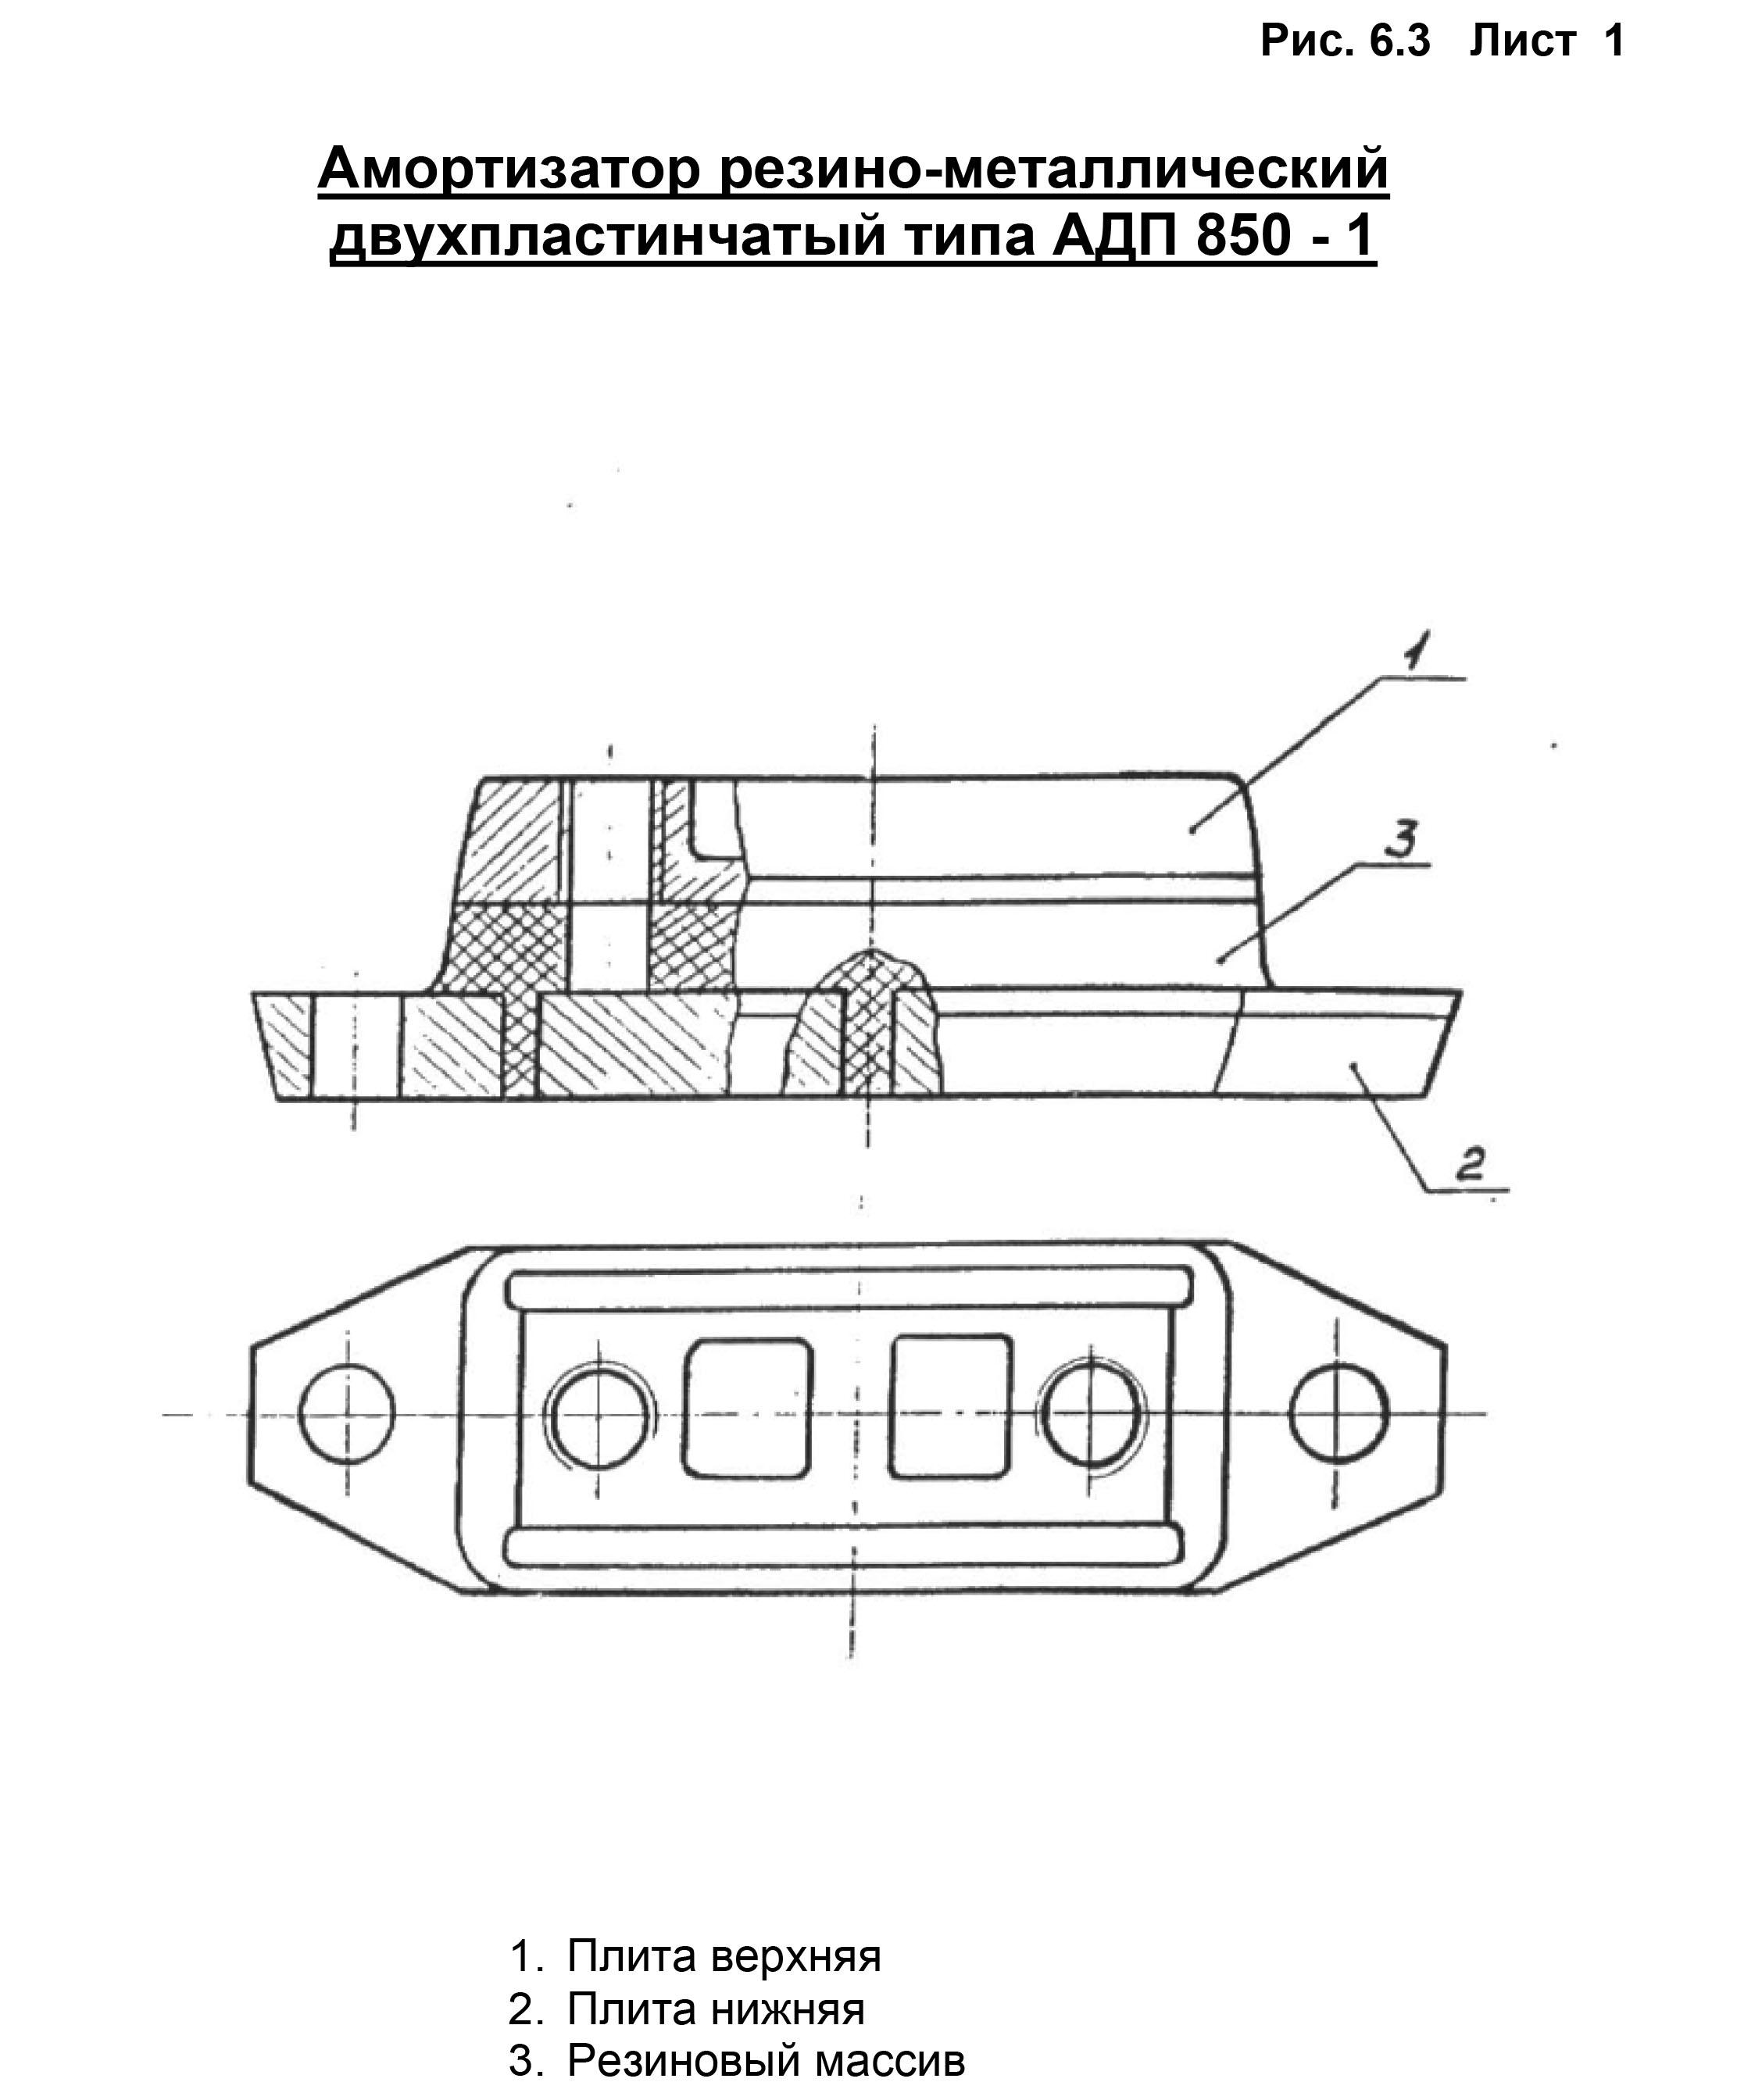 Амортизатор АДП-850-1